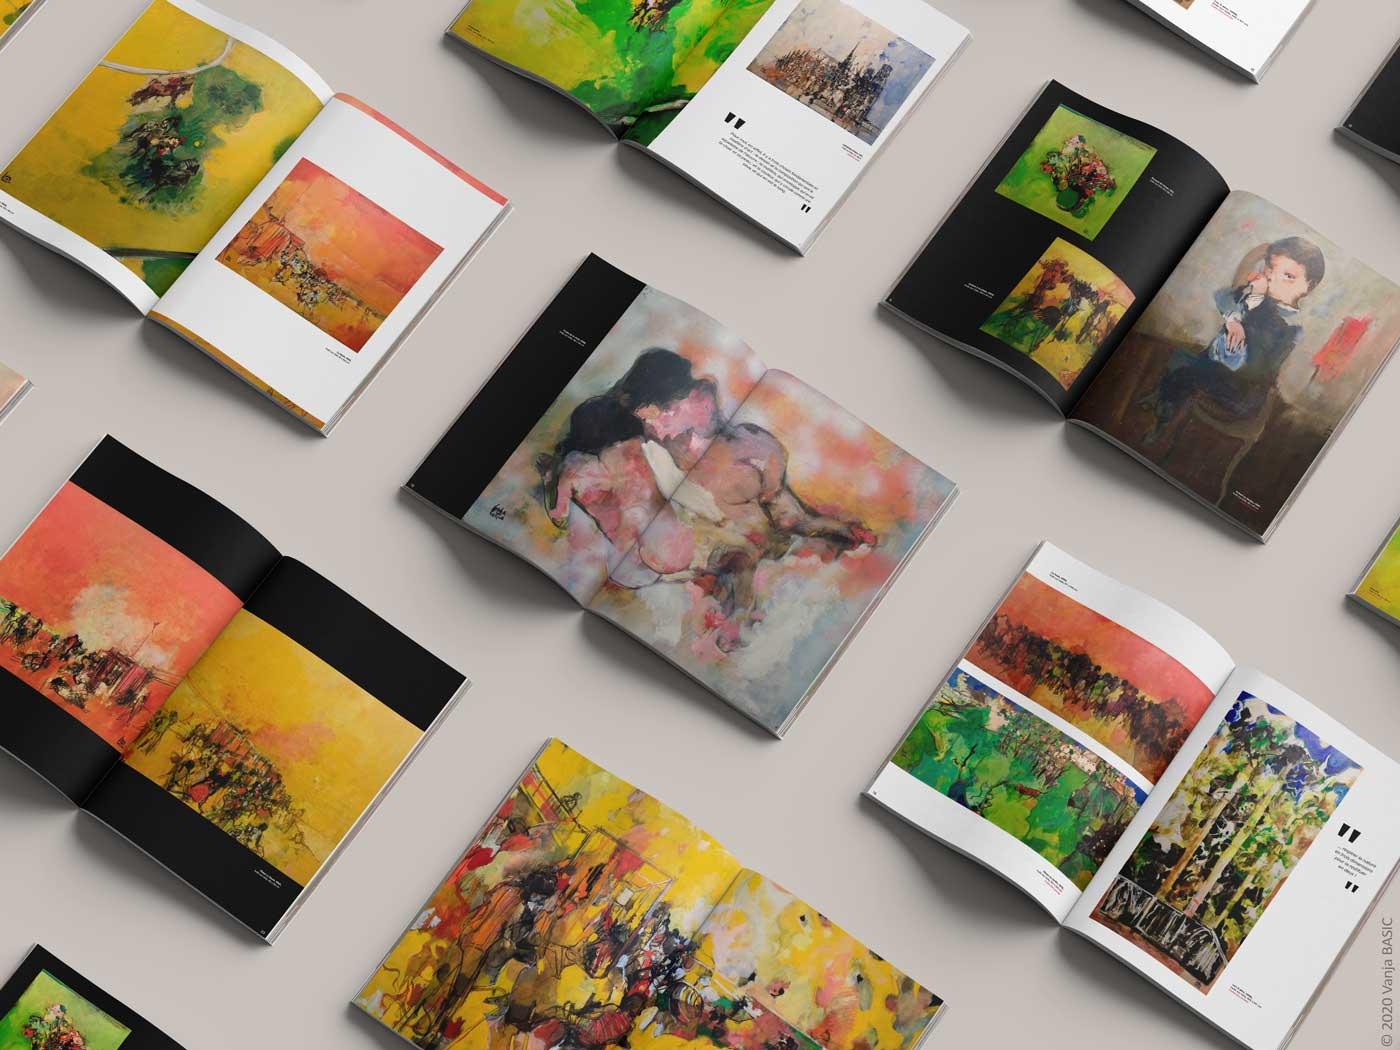 Intérieur du catalogue pour l'exposition de P. Cara Costea, organisée par le Fonds Labegorre. Communication artistique, Vanja Basic.